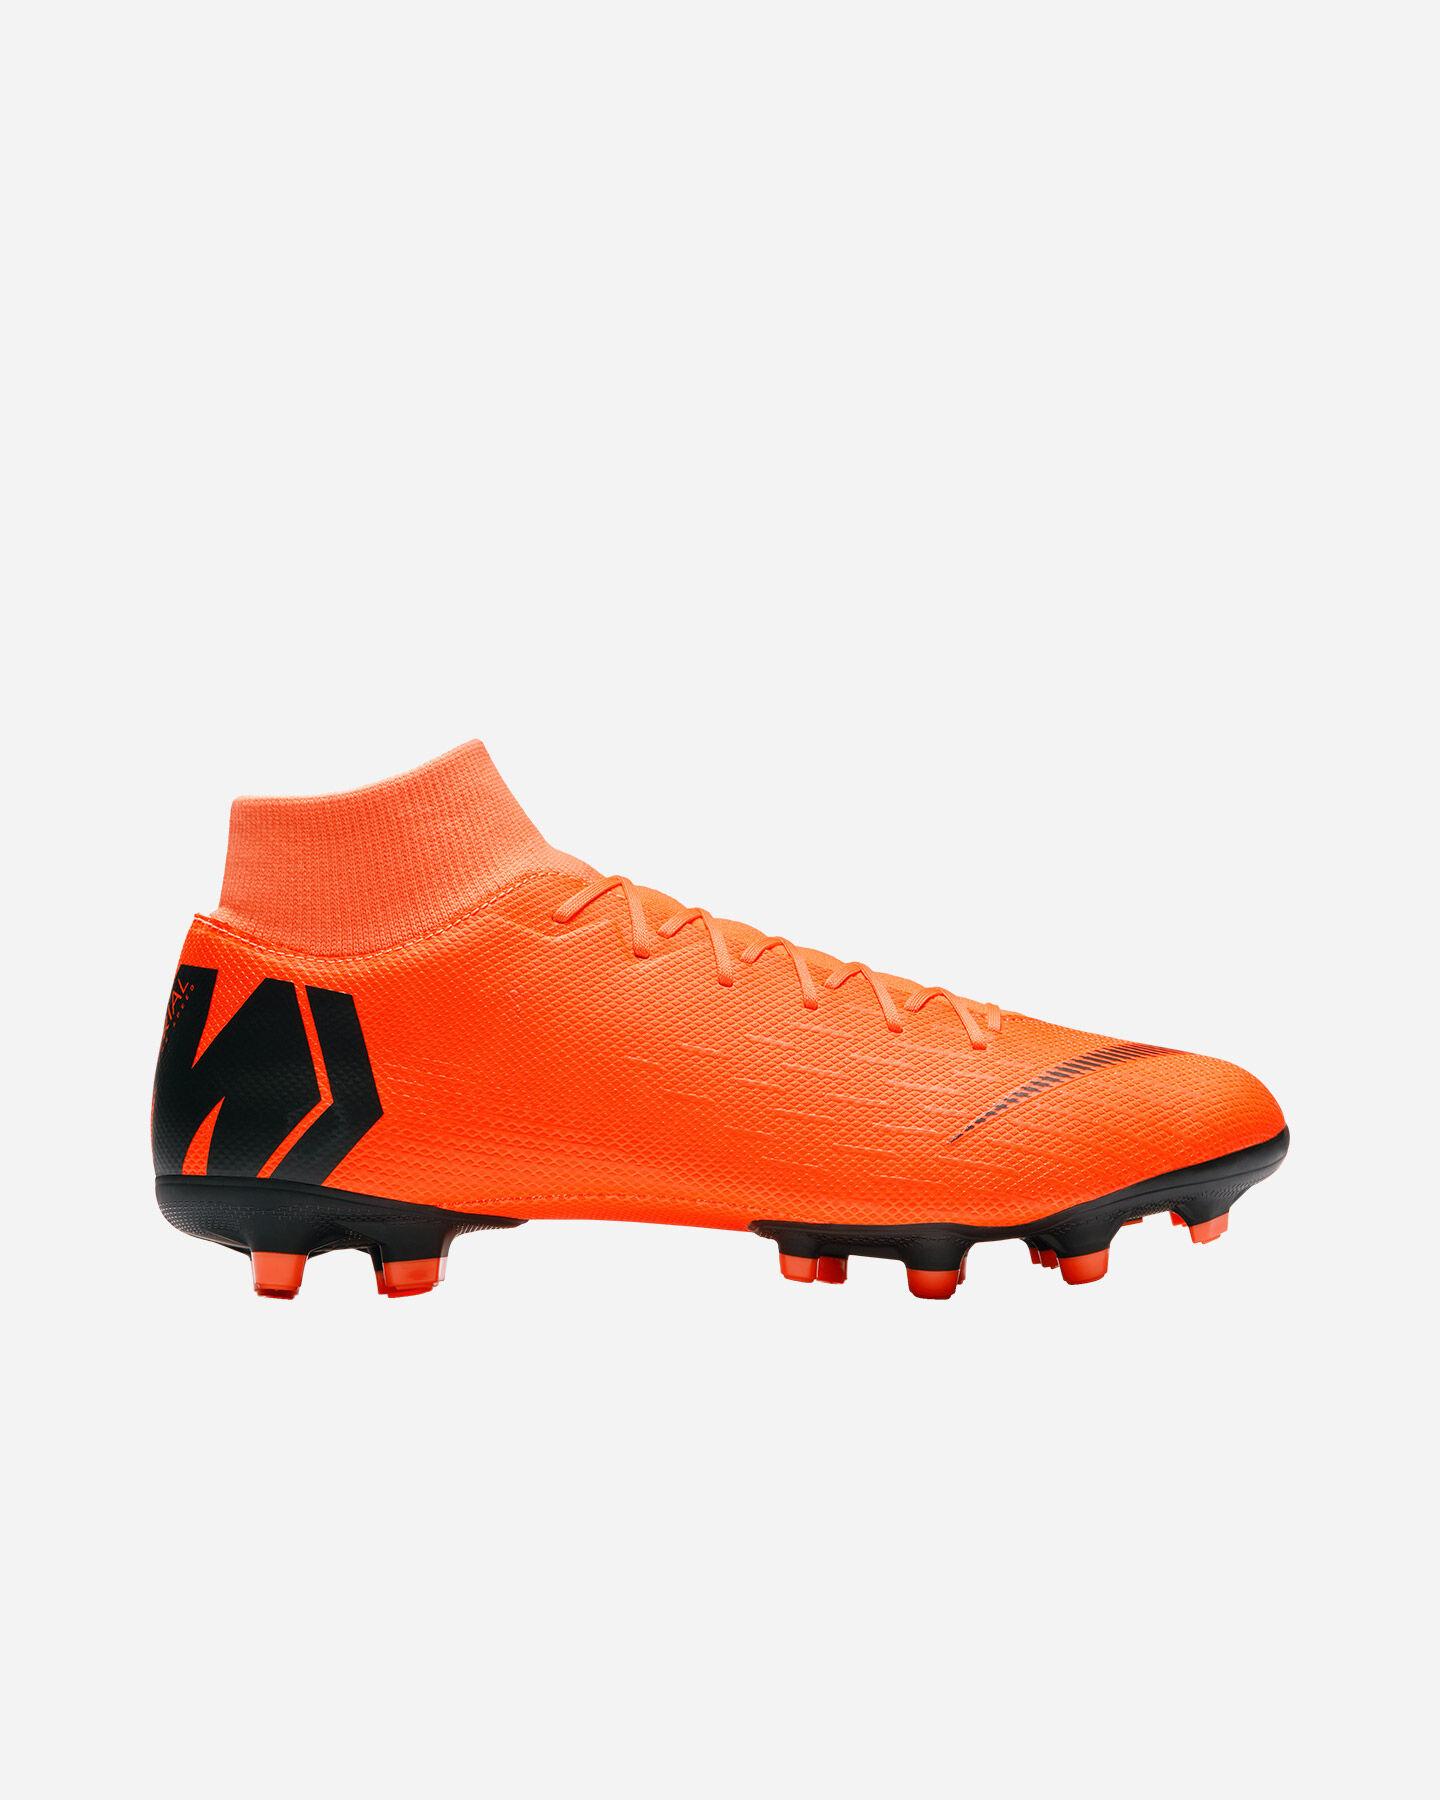 scarpe da calcio nike adidas puma